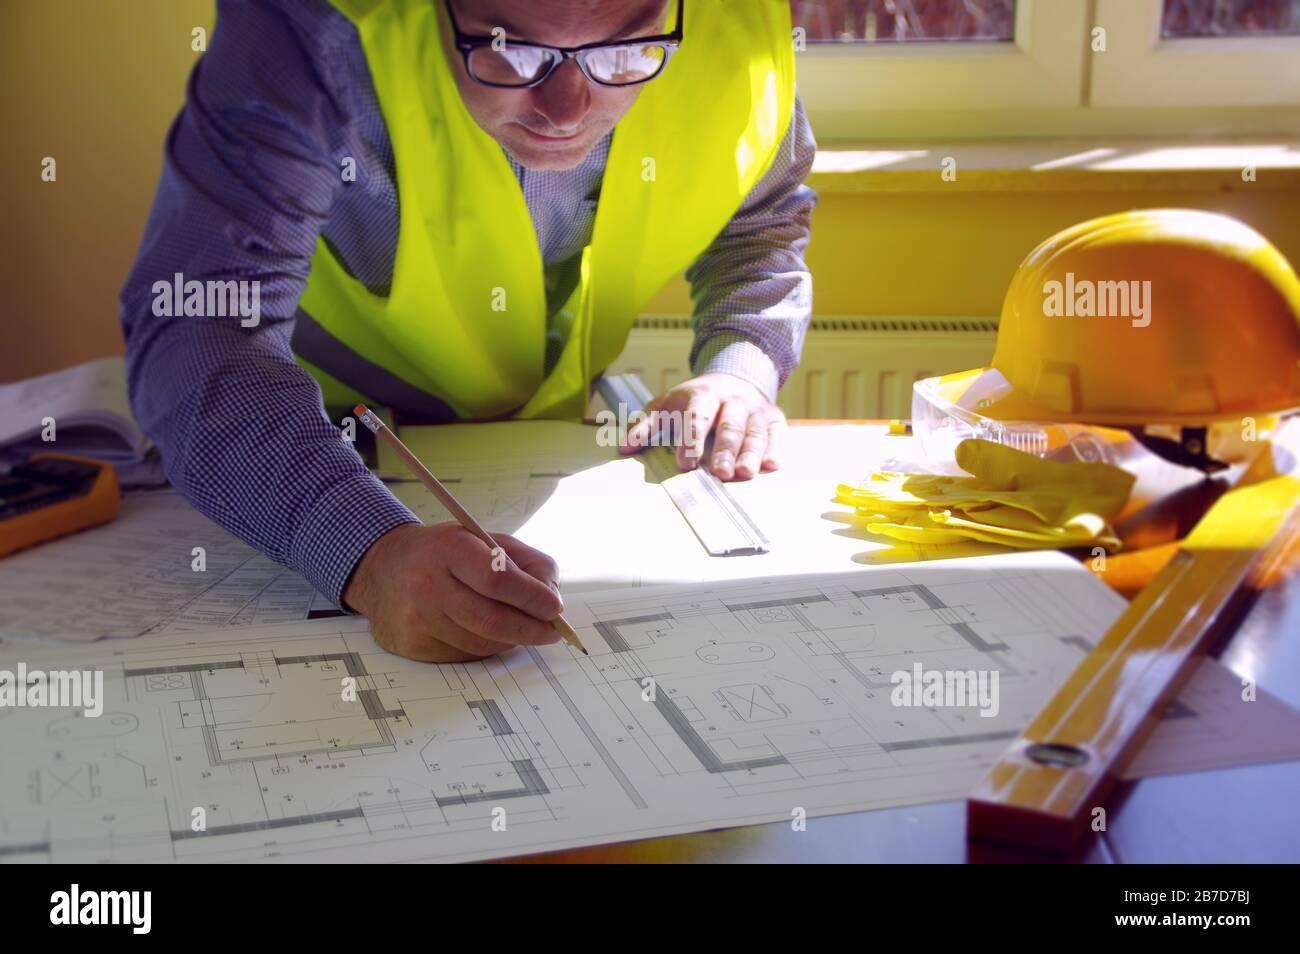 Responsable de la construction, entrepreneur, constructeur ou ingénieur sur le lieu de travail. Homme en train de travailler sur l'esquisse de construction. Architecture, ingénierie et concept industriel. Banque D'Images